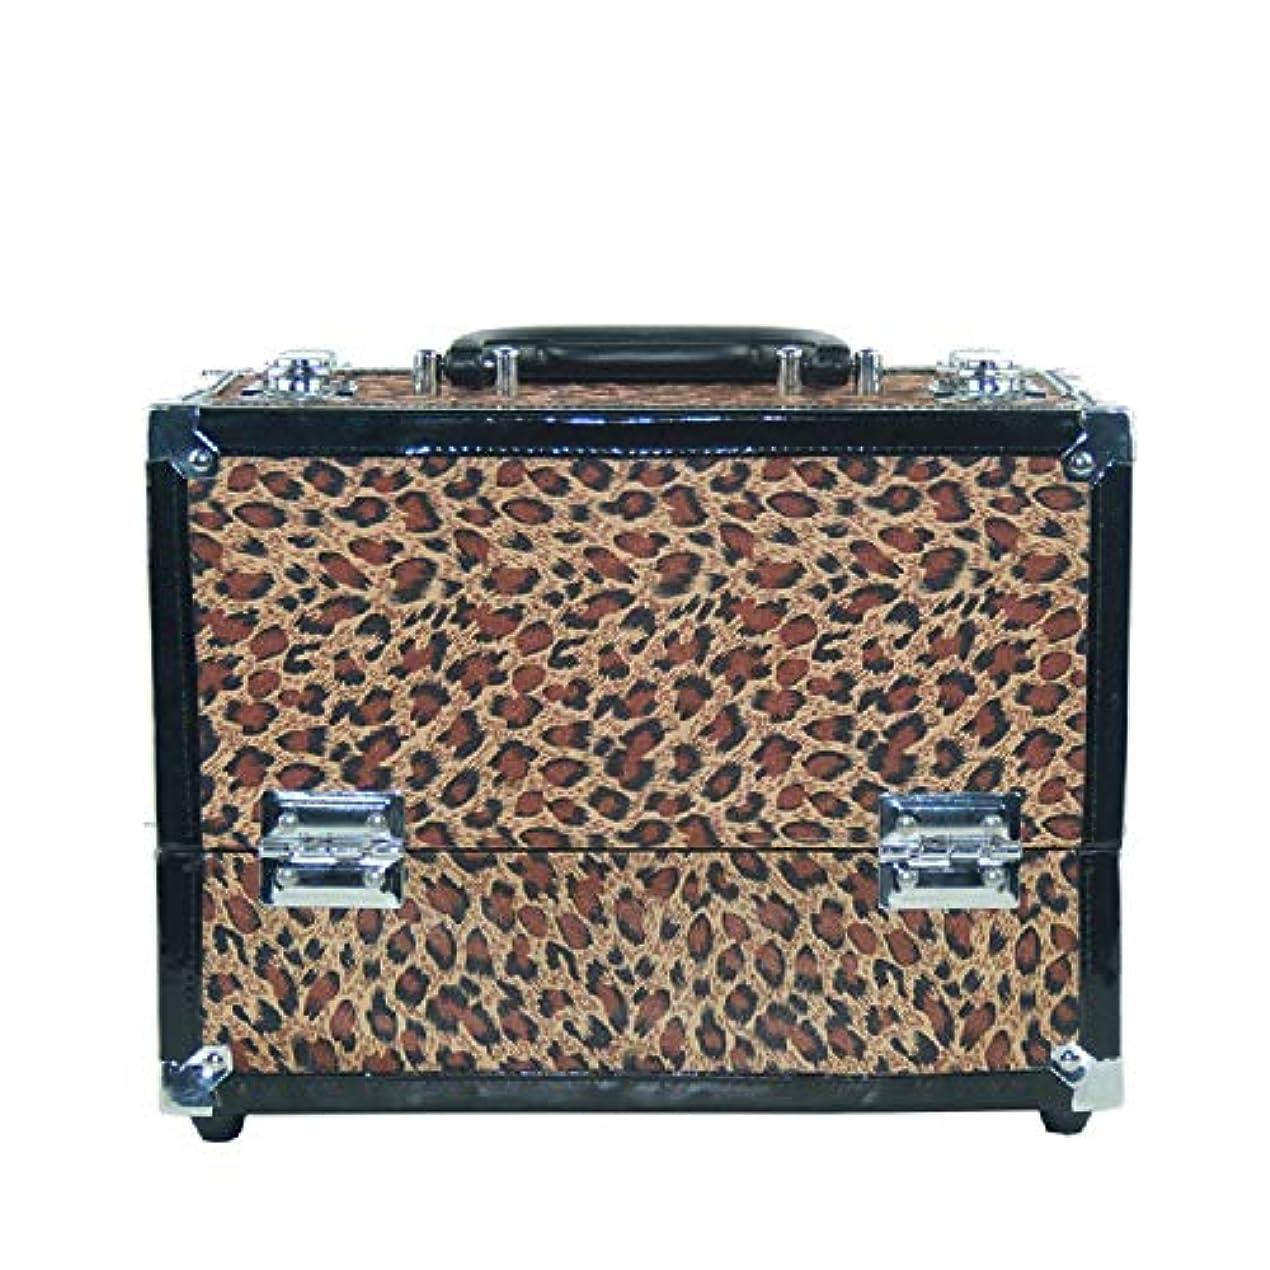 ルーキーエジプトファントム化粧オーガナイザーバッグ ヒョウ色ポータブル化粧品ケース美容メイクアップと女の子の女性の旅行と日常の収納トレイ 化粧品ケース